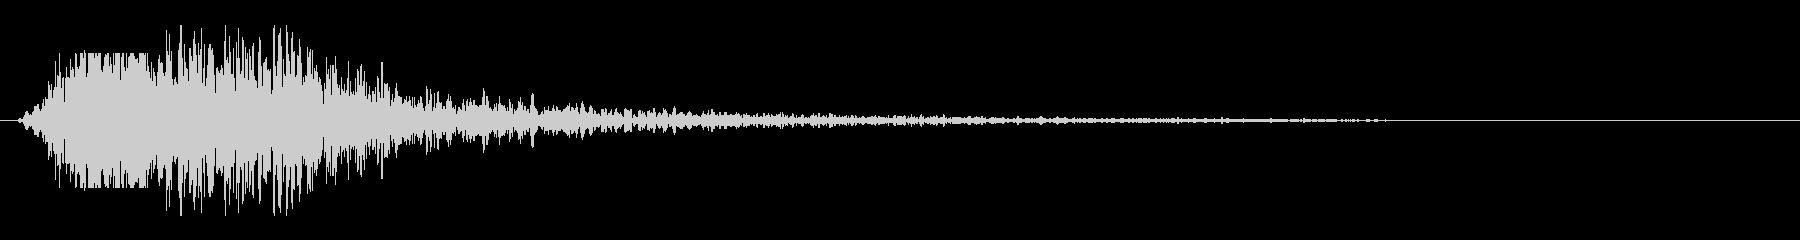 ガ〜ンというショックの効果音の未再生の波形